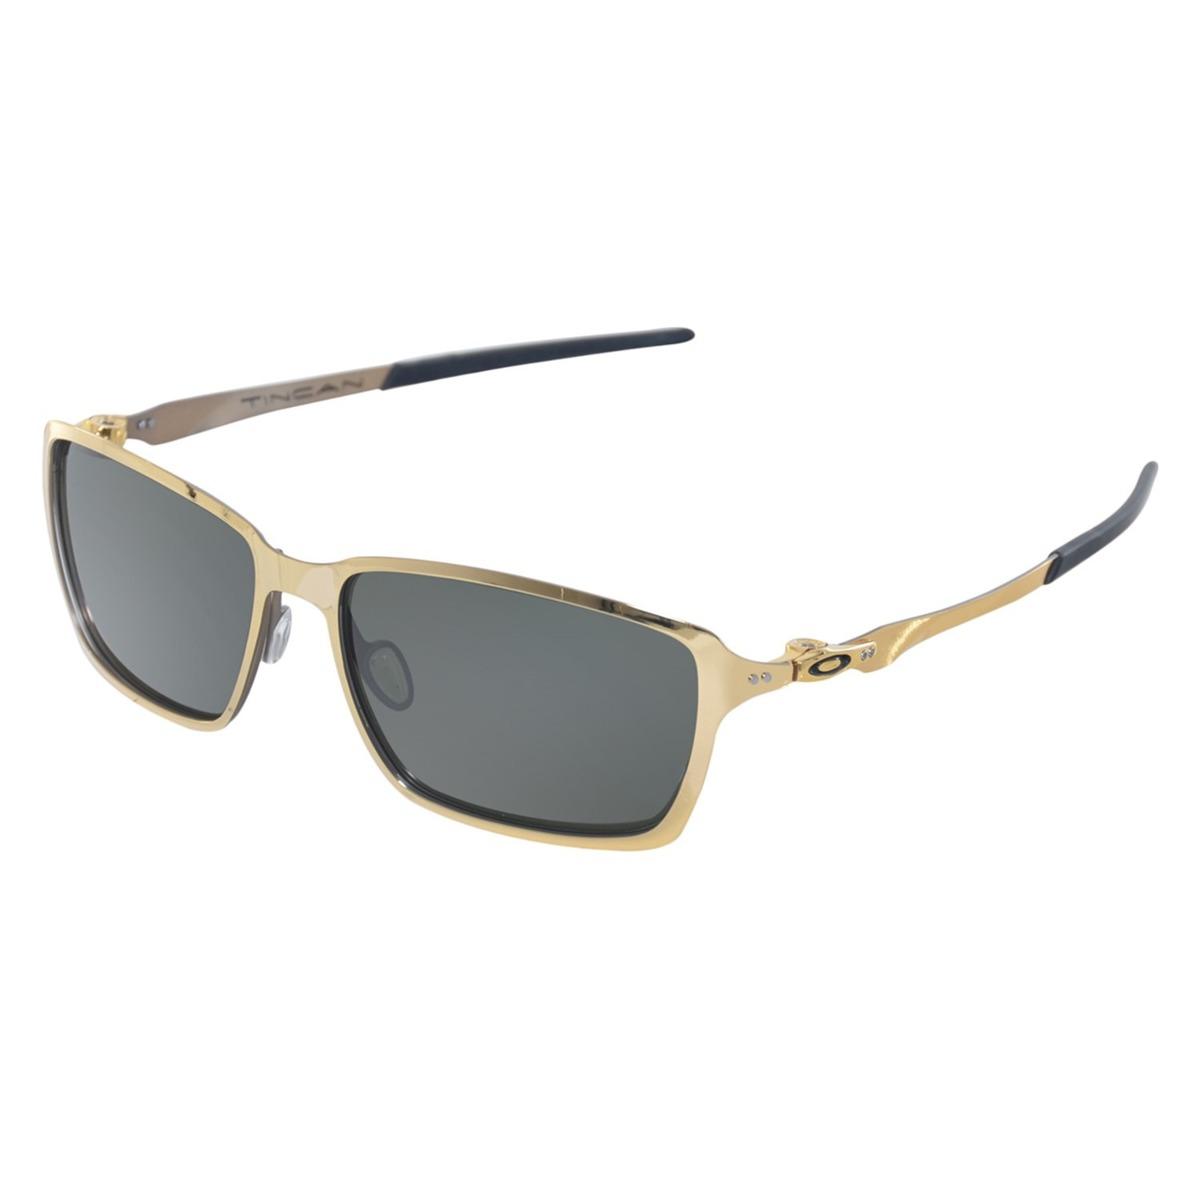 1ee676dd3 óculos oakley tincan polished gold/dark grey lançamento. Carregando zoom.